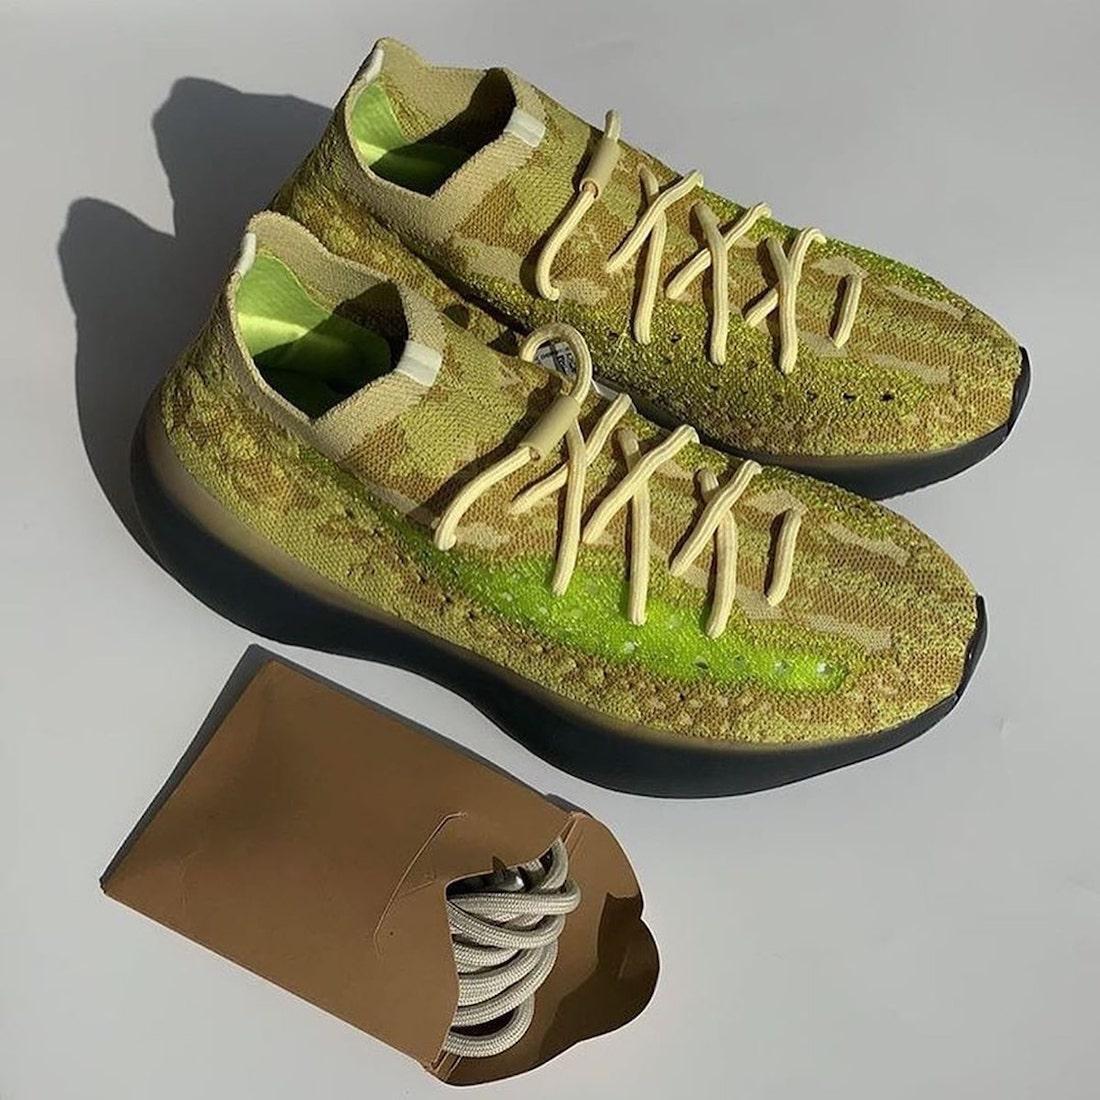 adidas Yeezy Boost 380 ''Hylte Glow'' - FZ4990